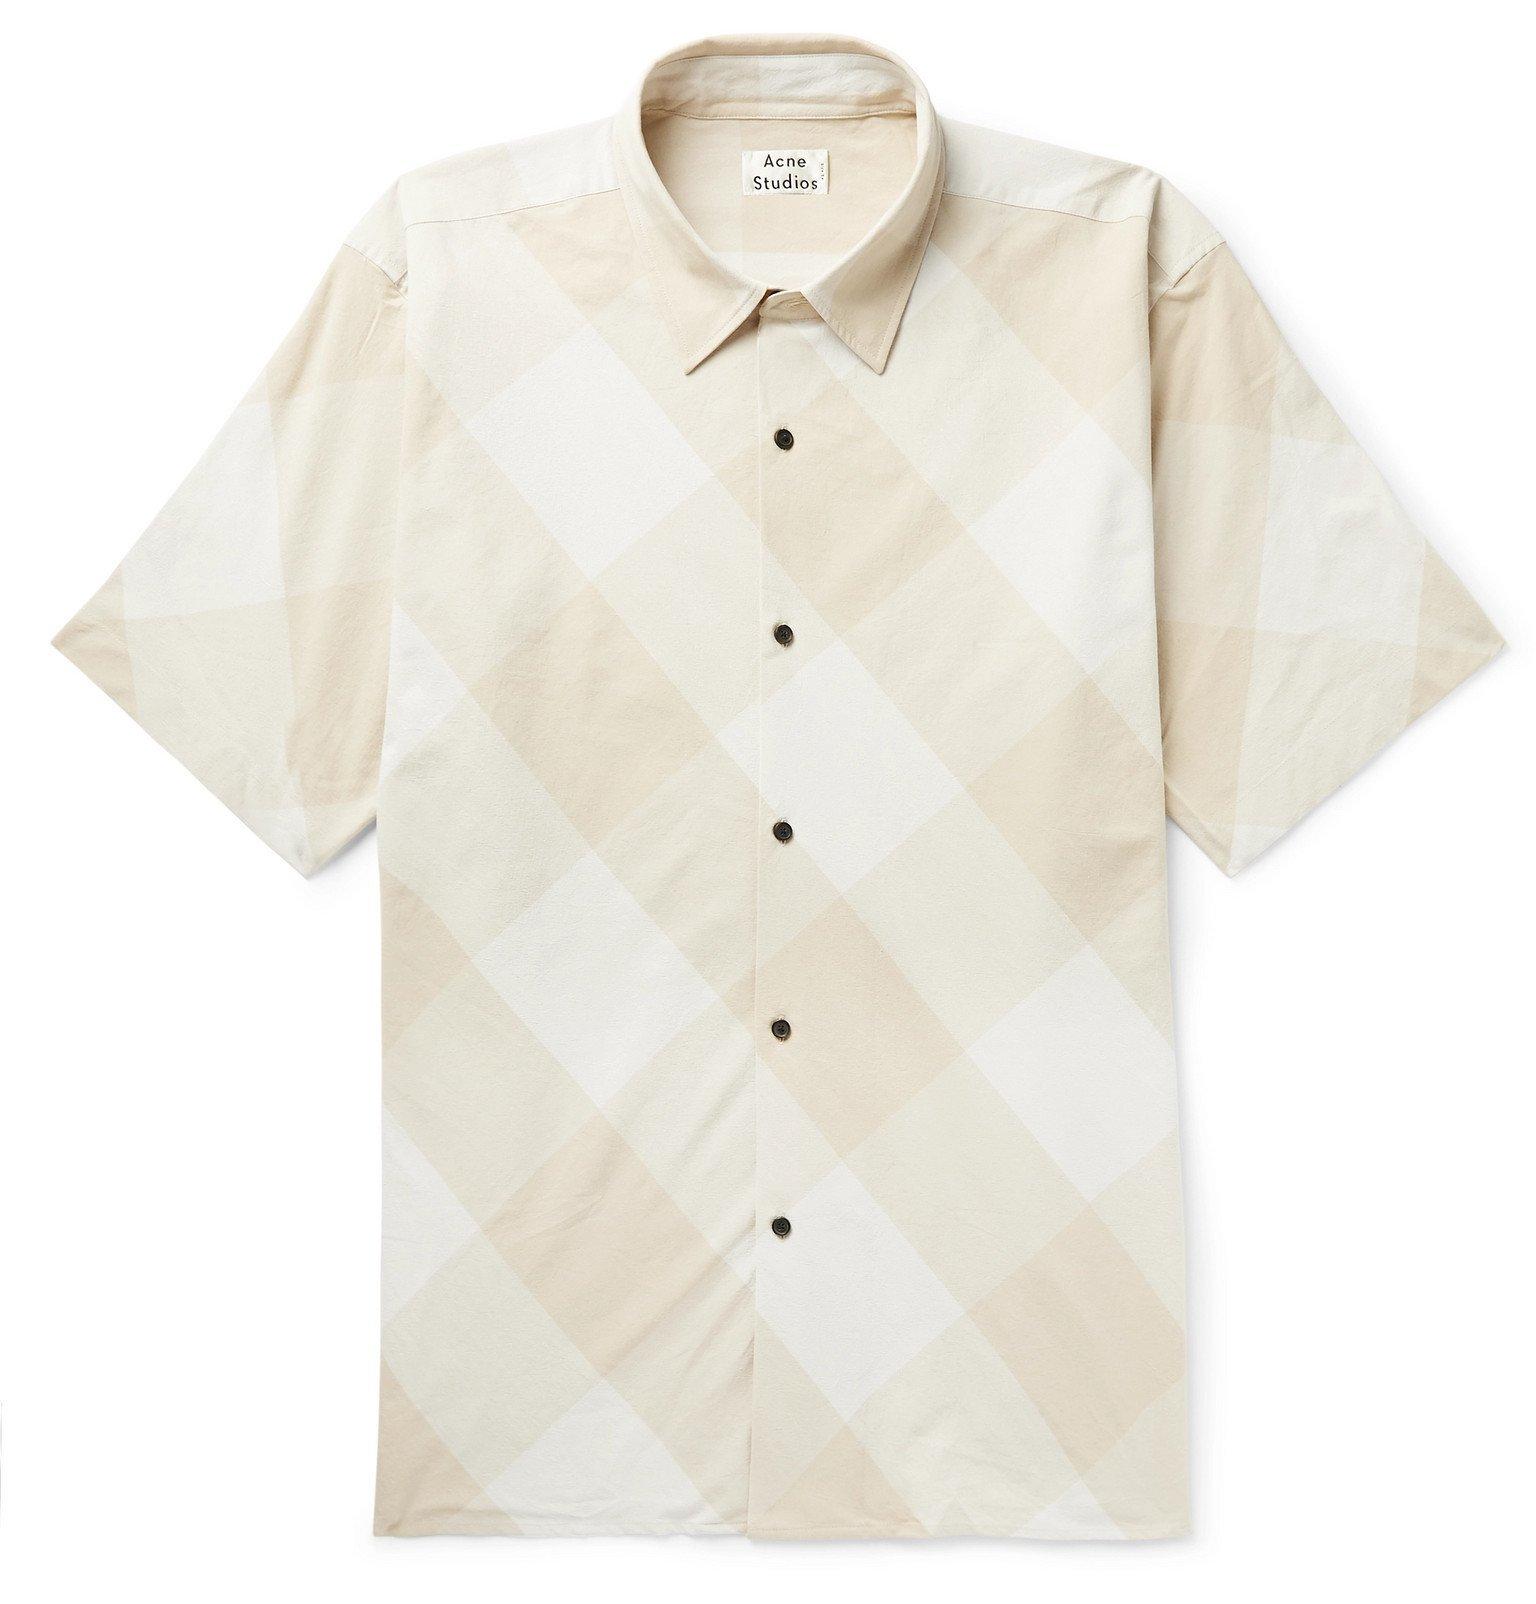 Acne Studios - Shepton Checked Cotton Shirt - Neutrals